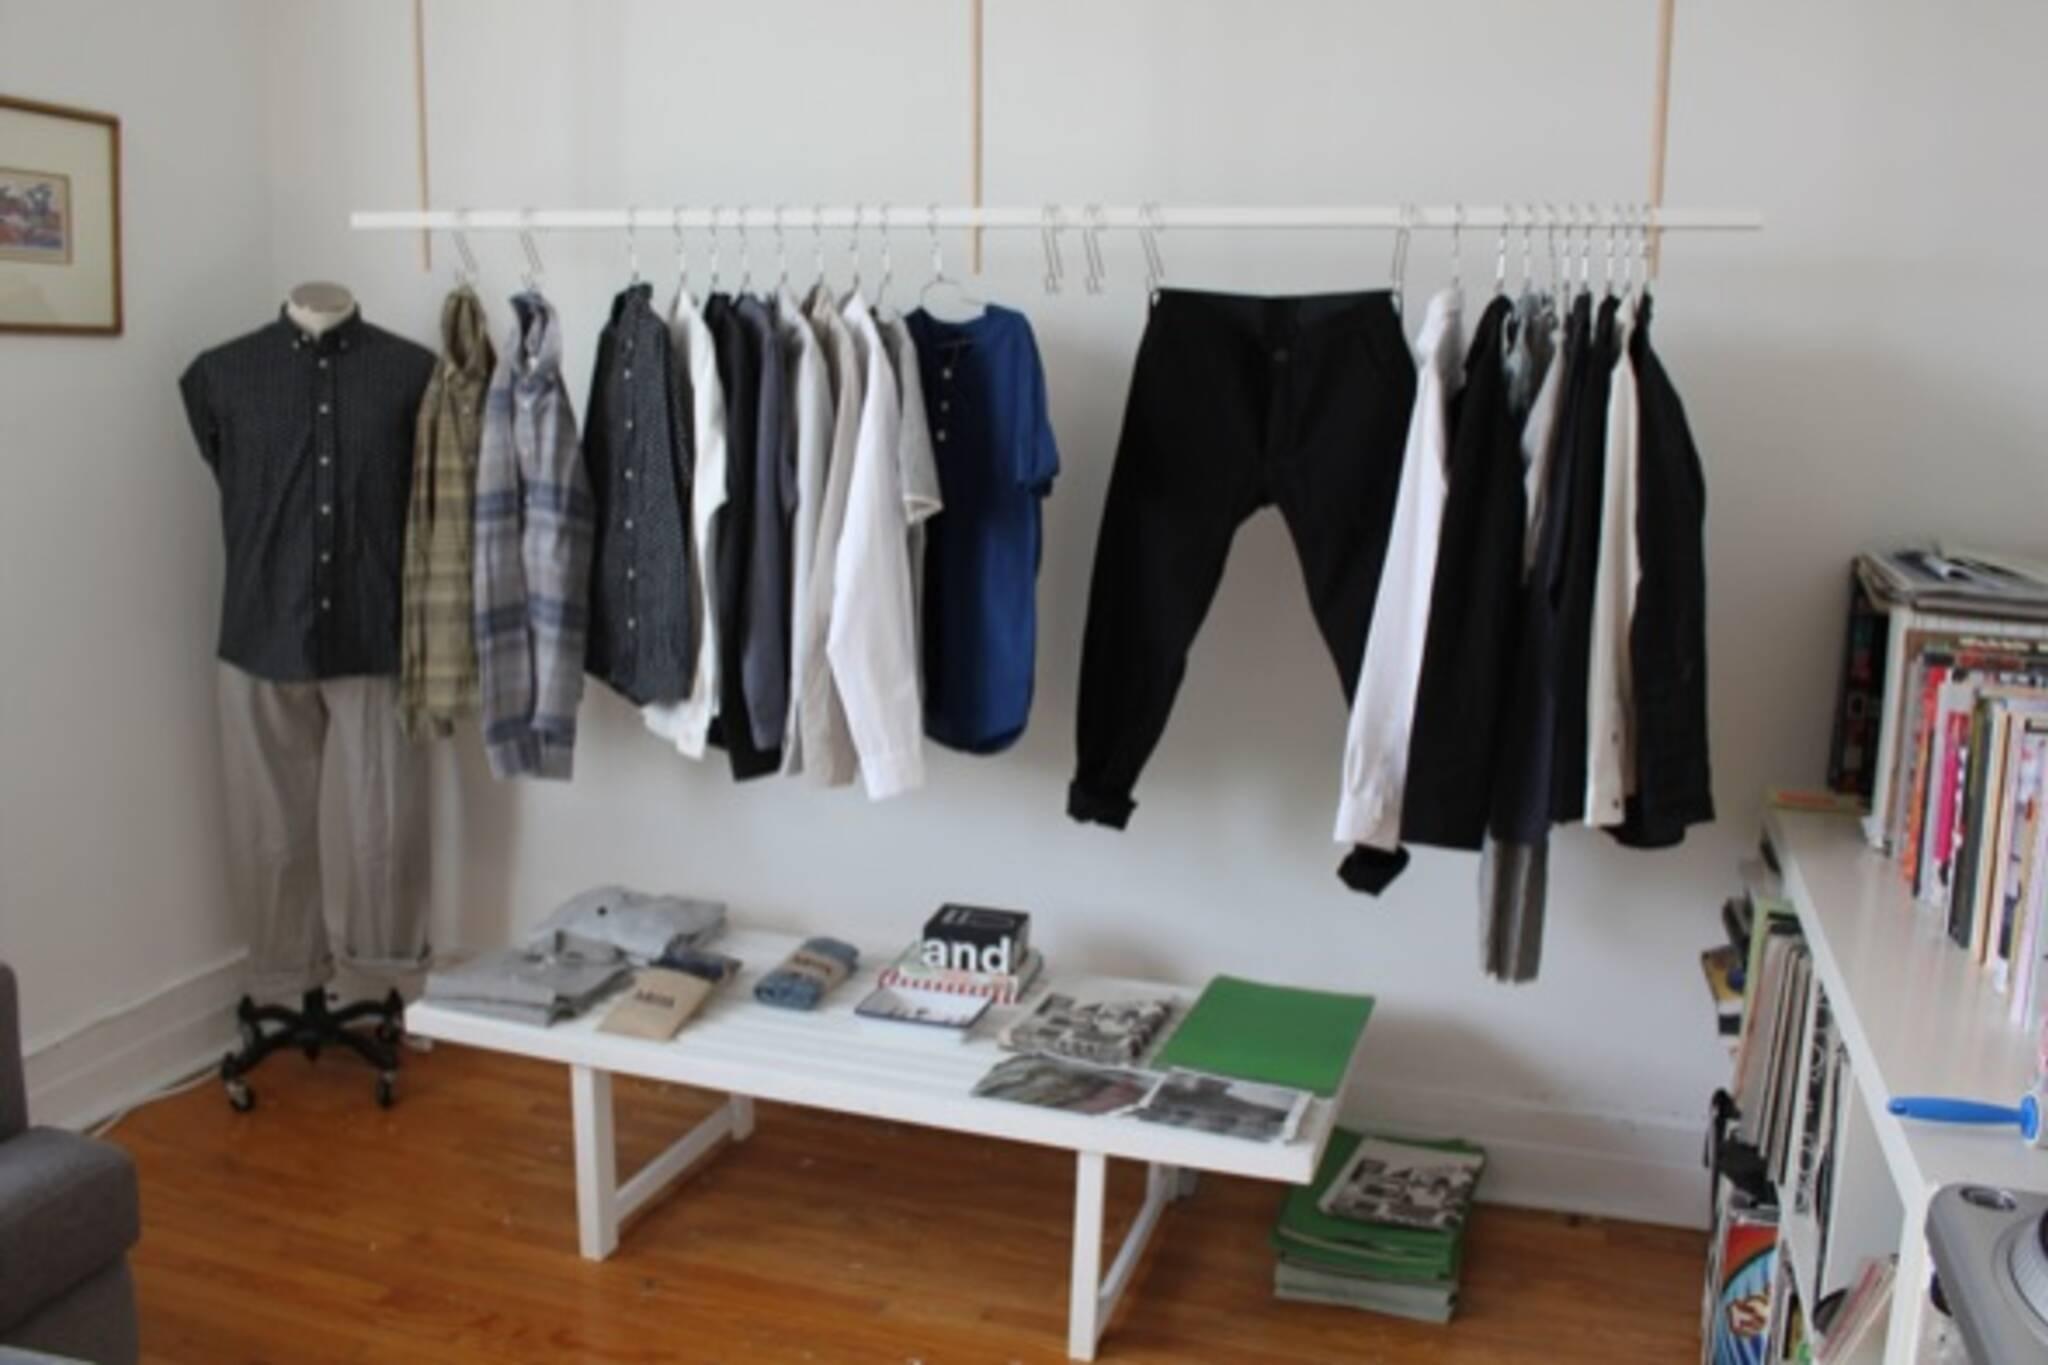 Metsa Studio Toronto